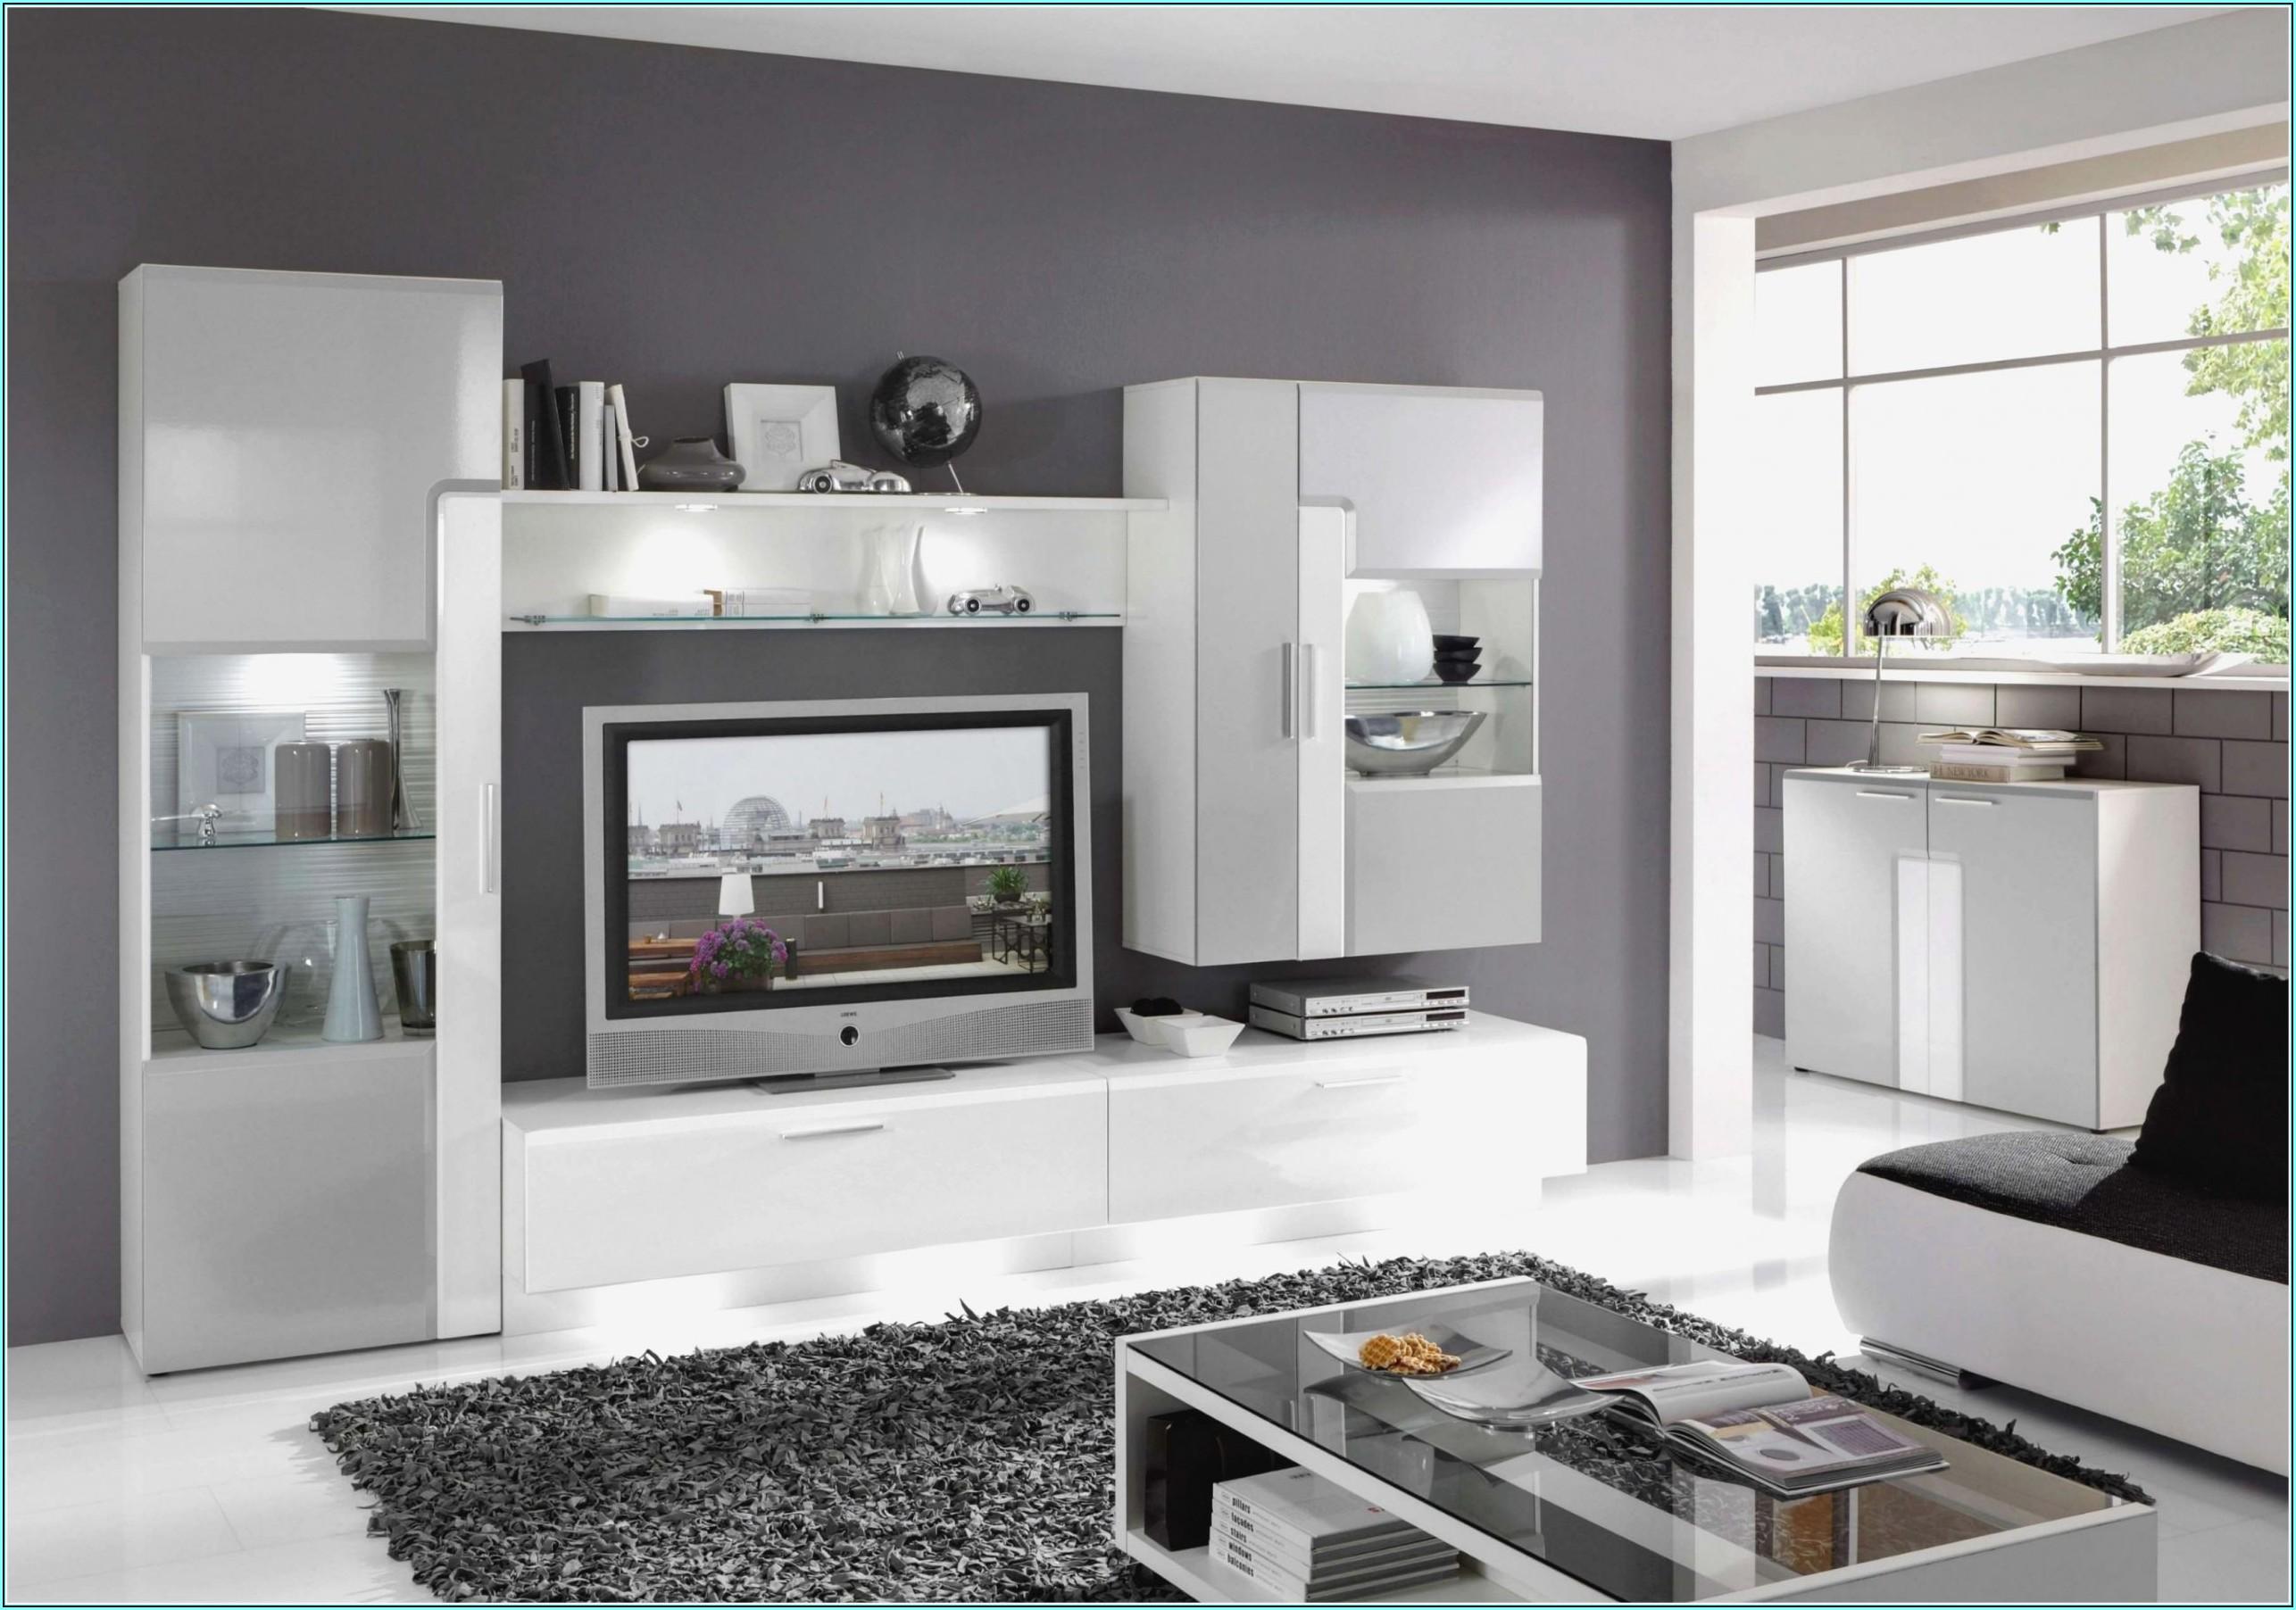 Wohnzimmer Farbgestaltung Ideen